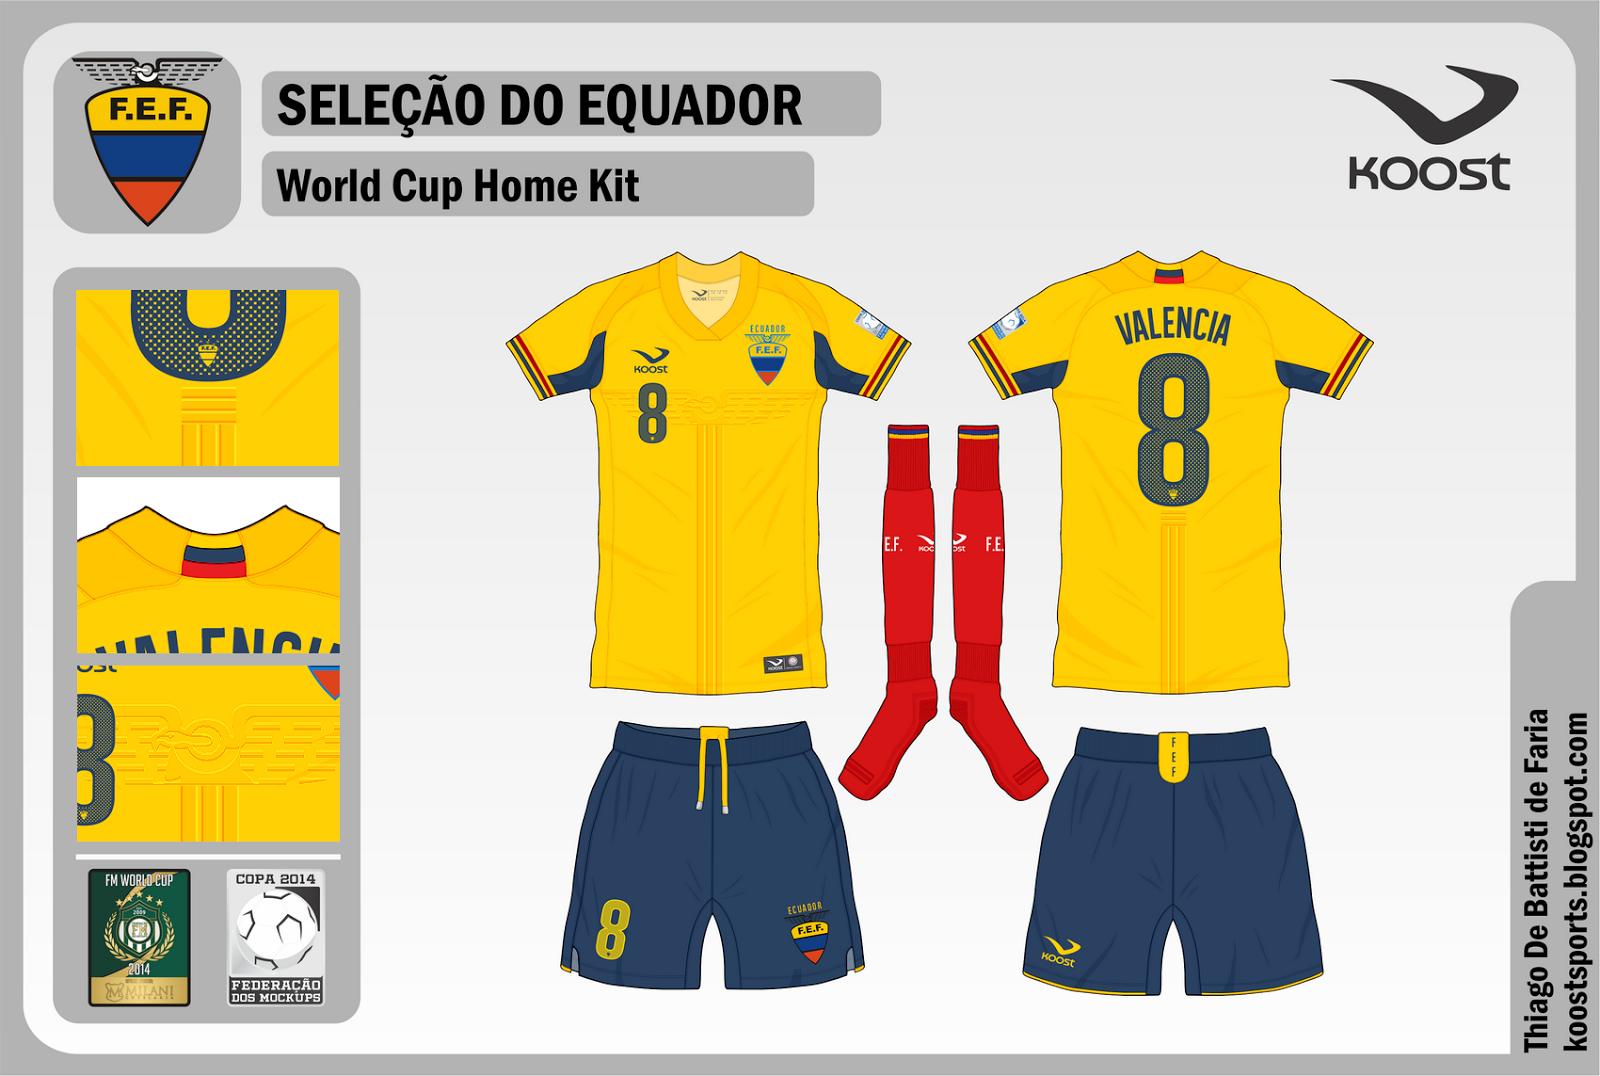 Resultado de imagem para Seleção do Equador